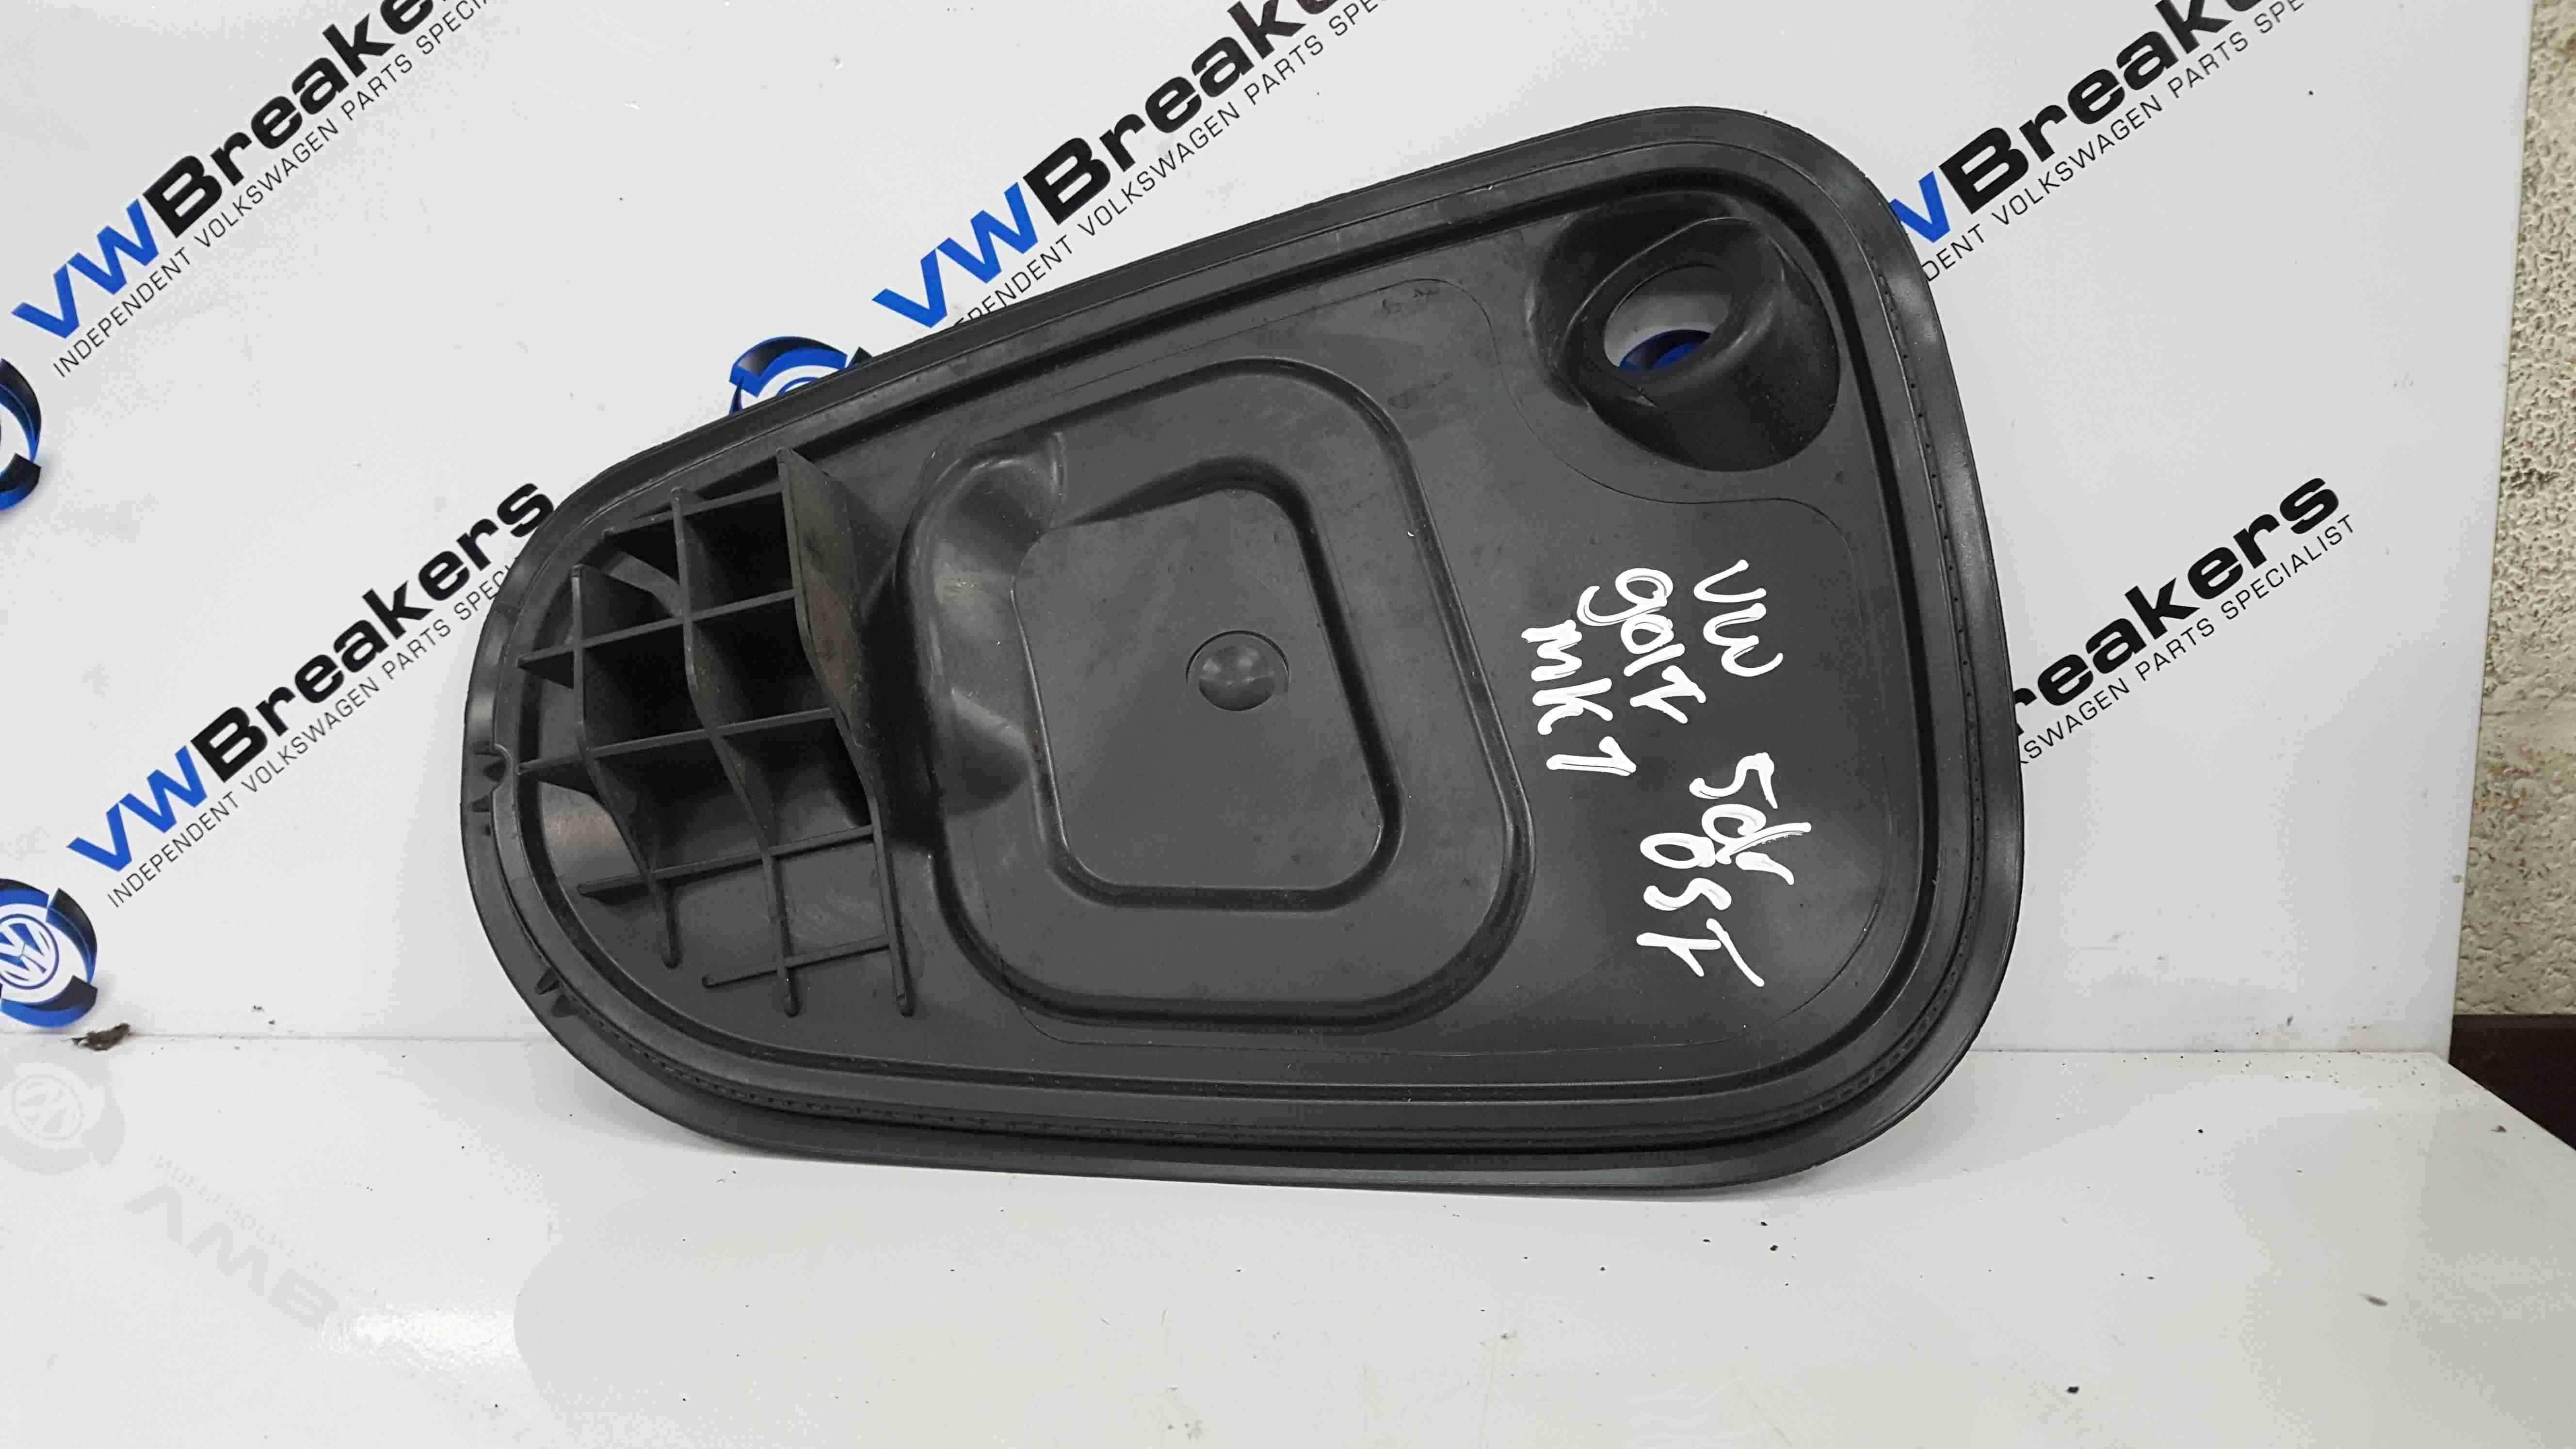 Volkswagen Golf MK7 2012-2017 Drivers OSF Front Door Access Panel Cover Trim